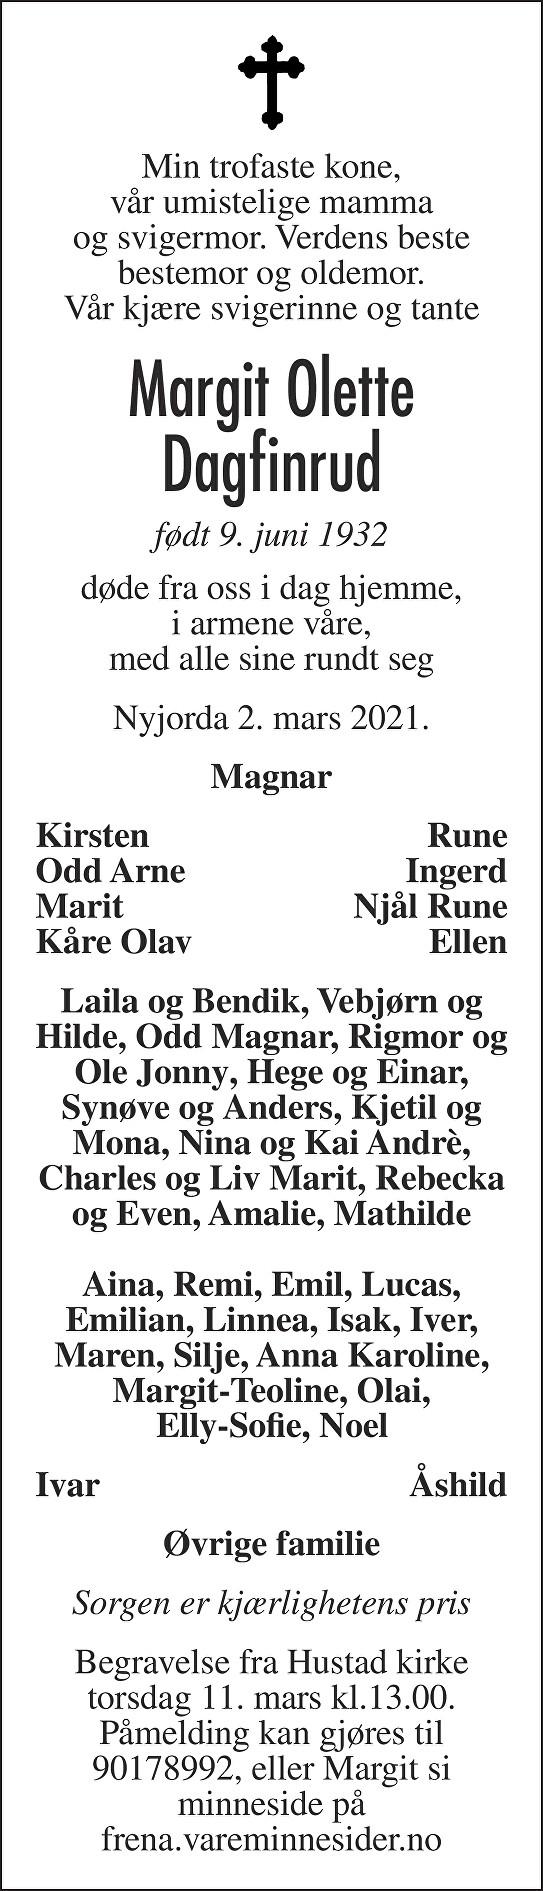 Margit Olette Dagfinrud Dødsannonse